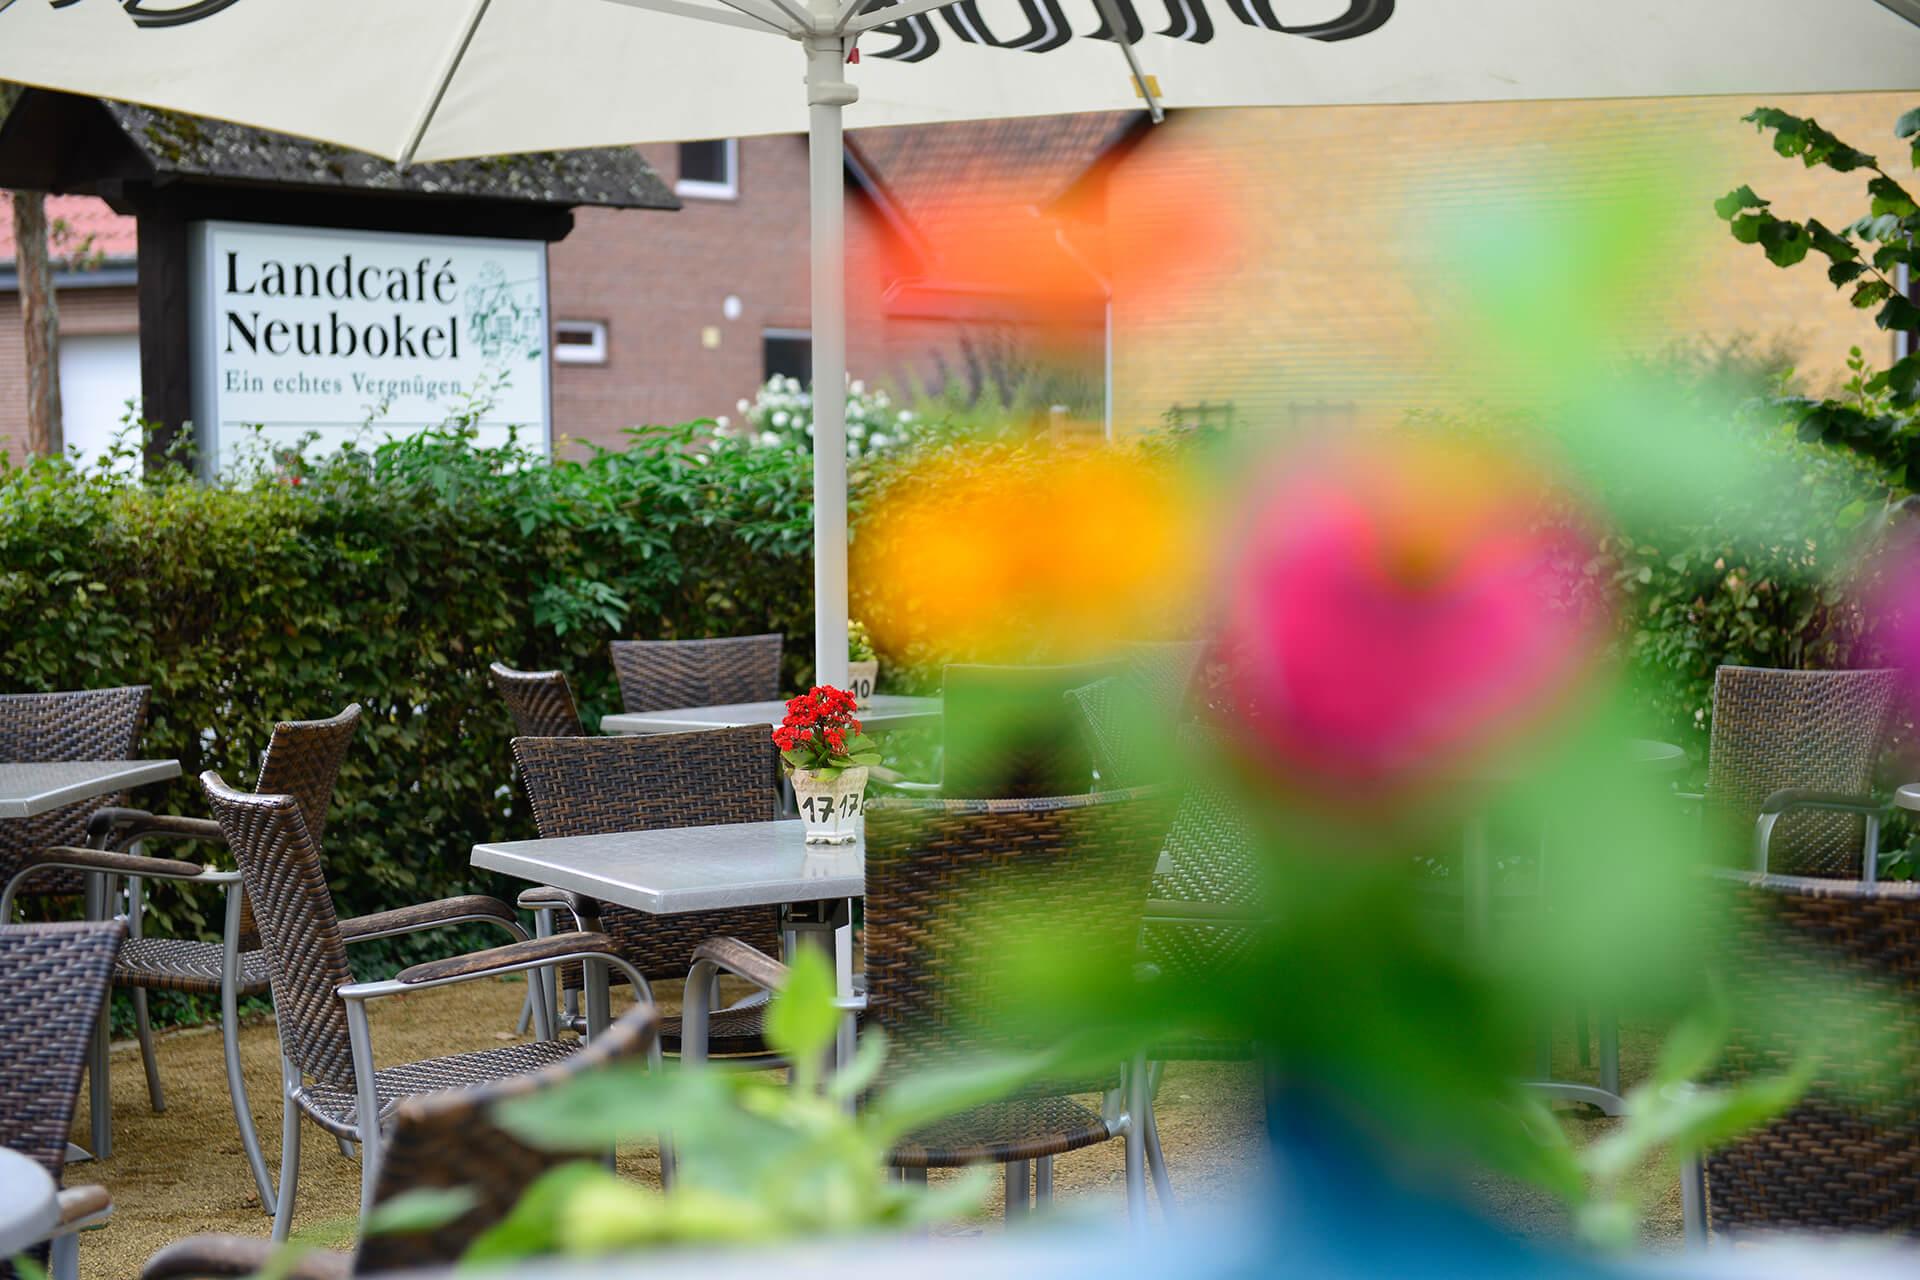 Terrasse im Landcafé Neubokel